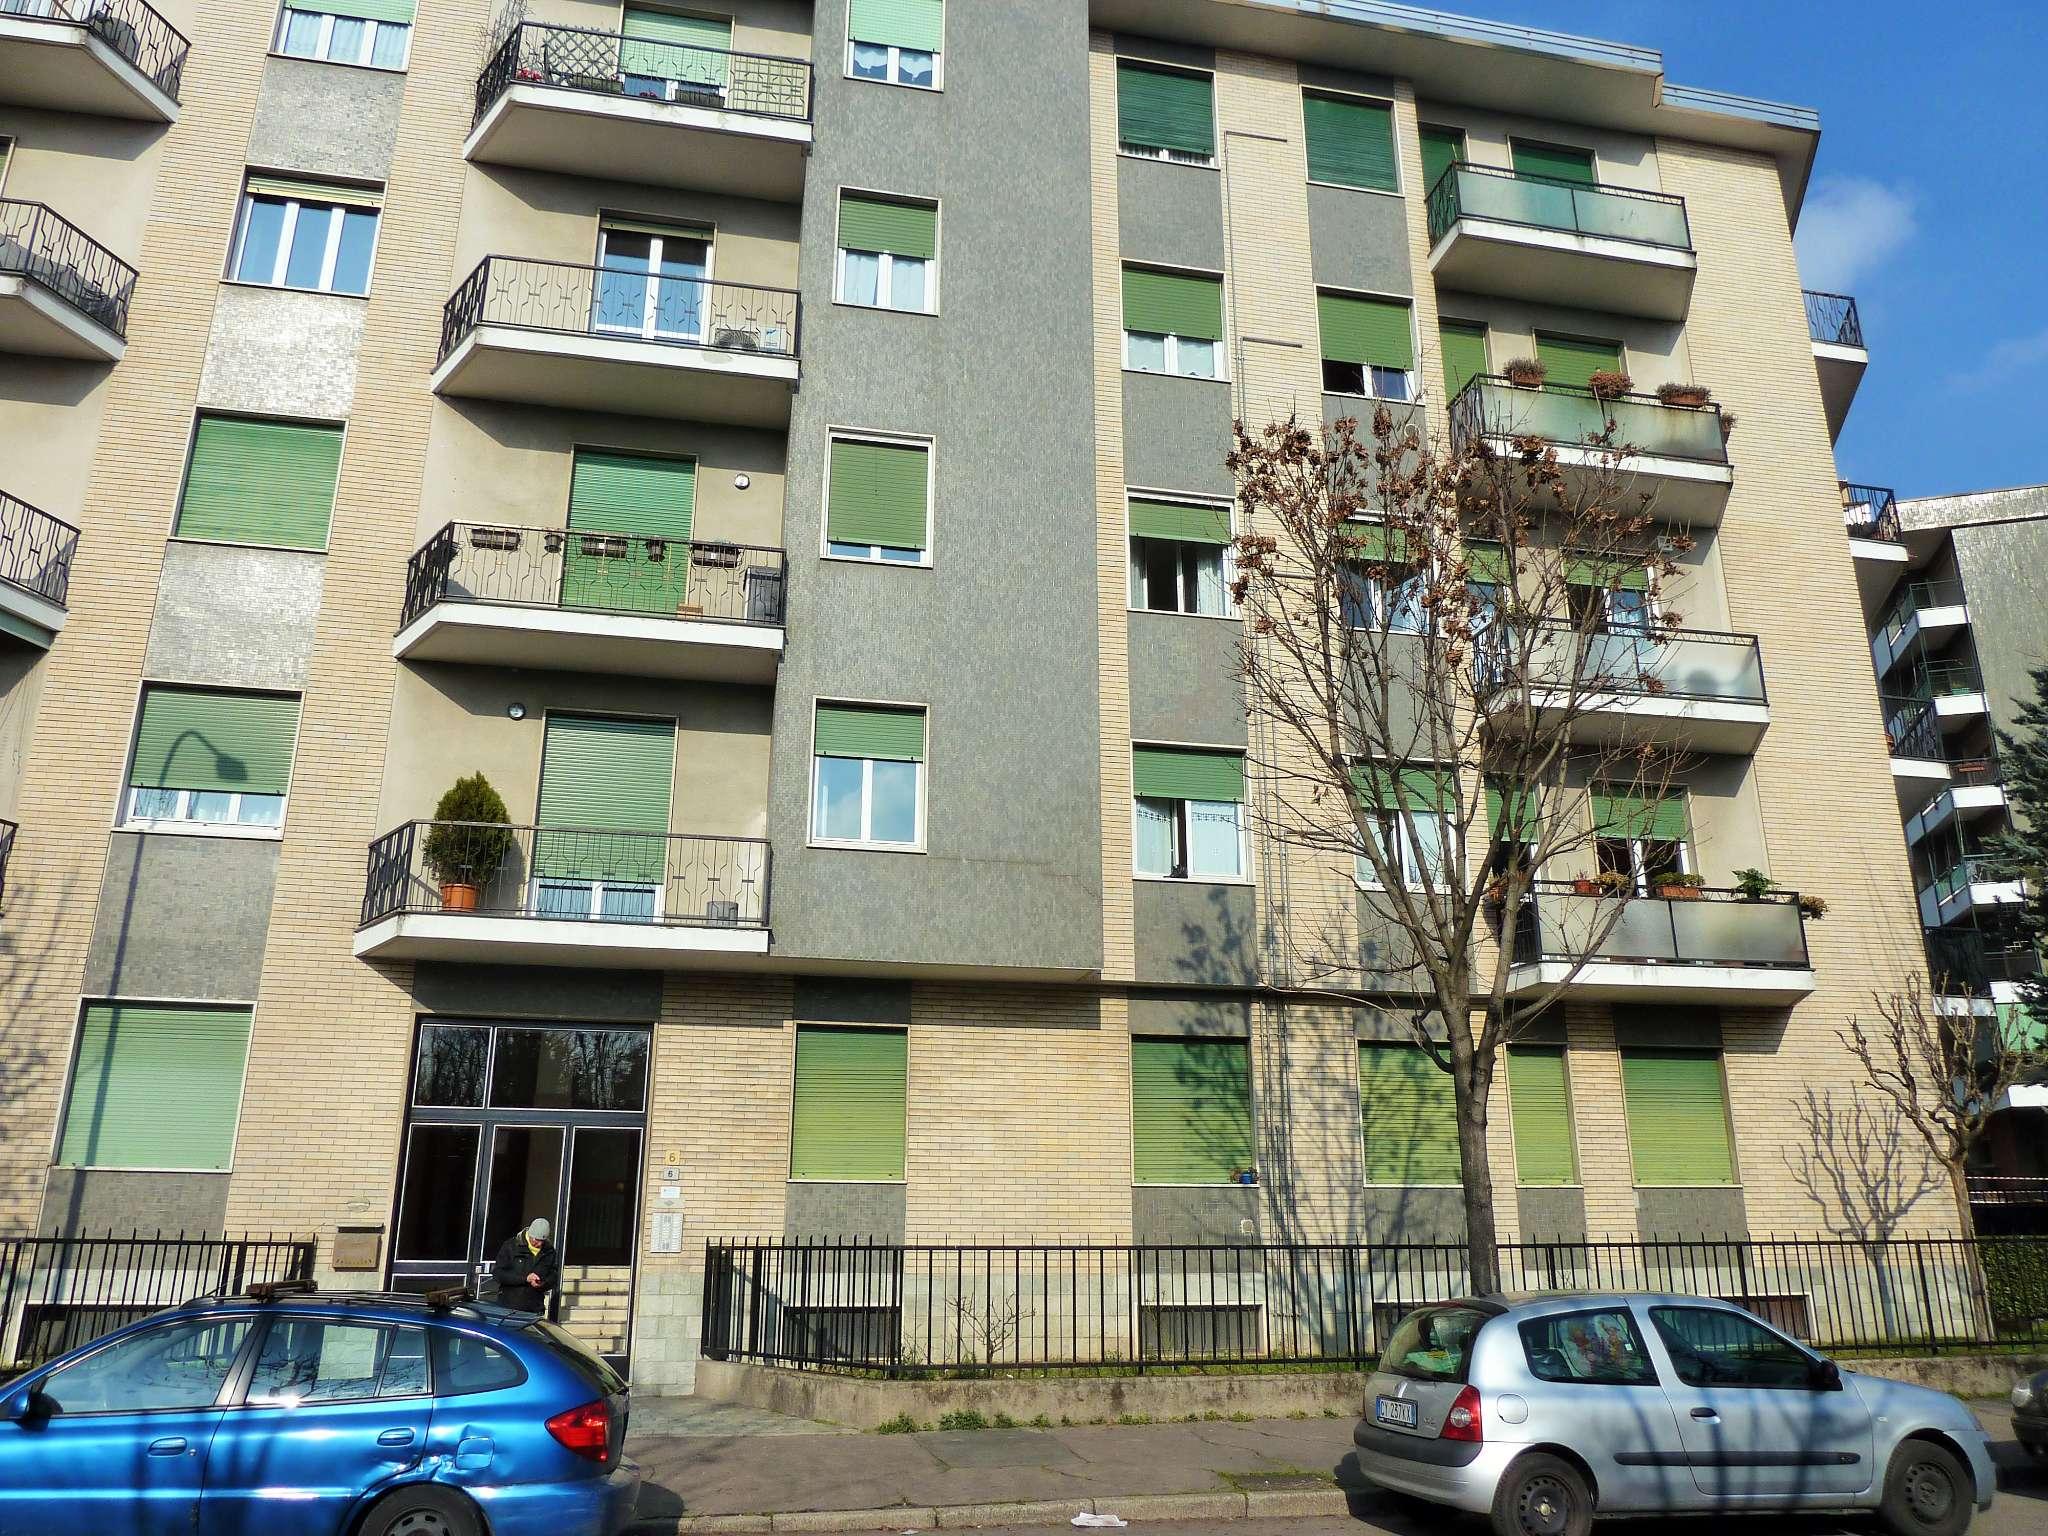 Appartamento in vendita a Saronno, 2 locali, prezzo € 89.000 | PortaleAgenzieImmobiliari.it